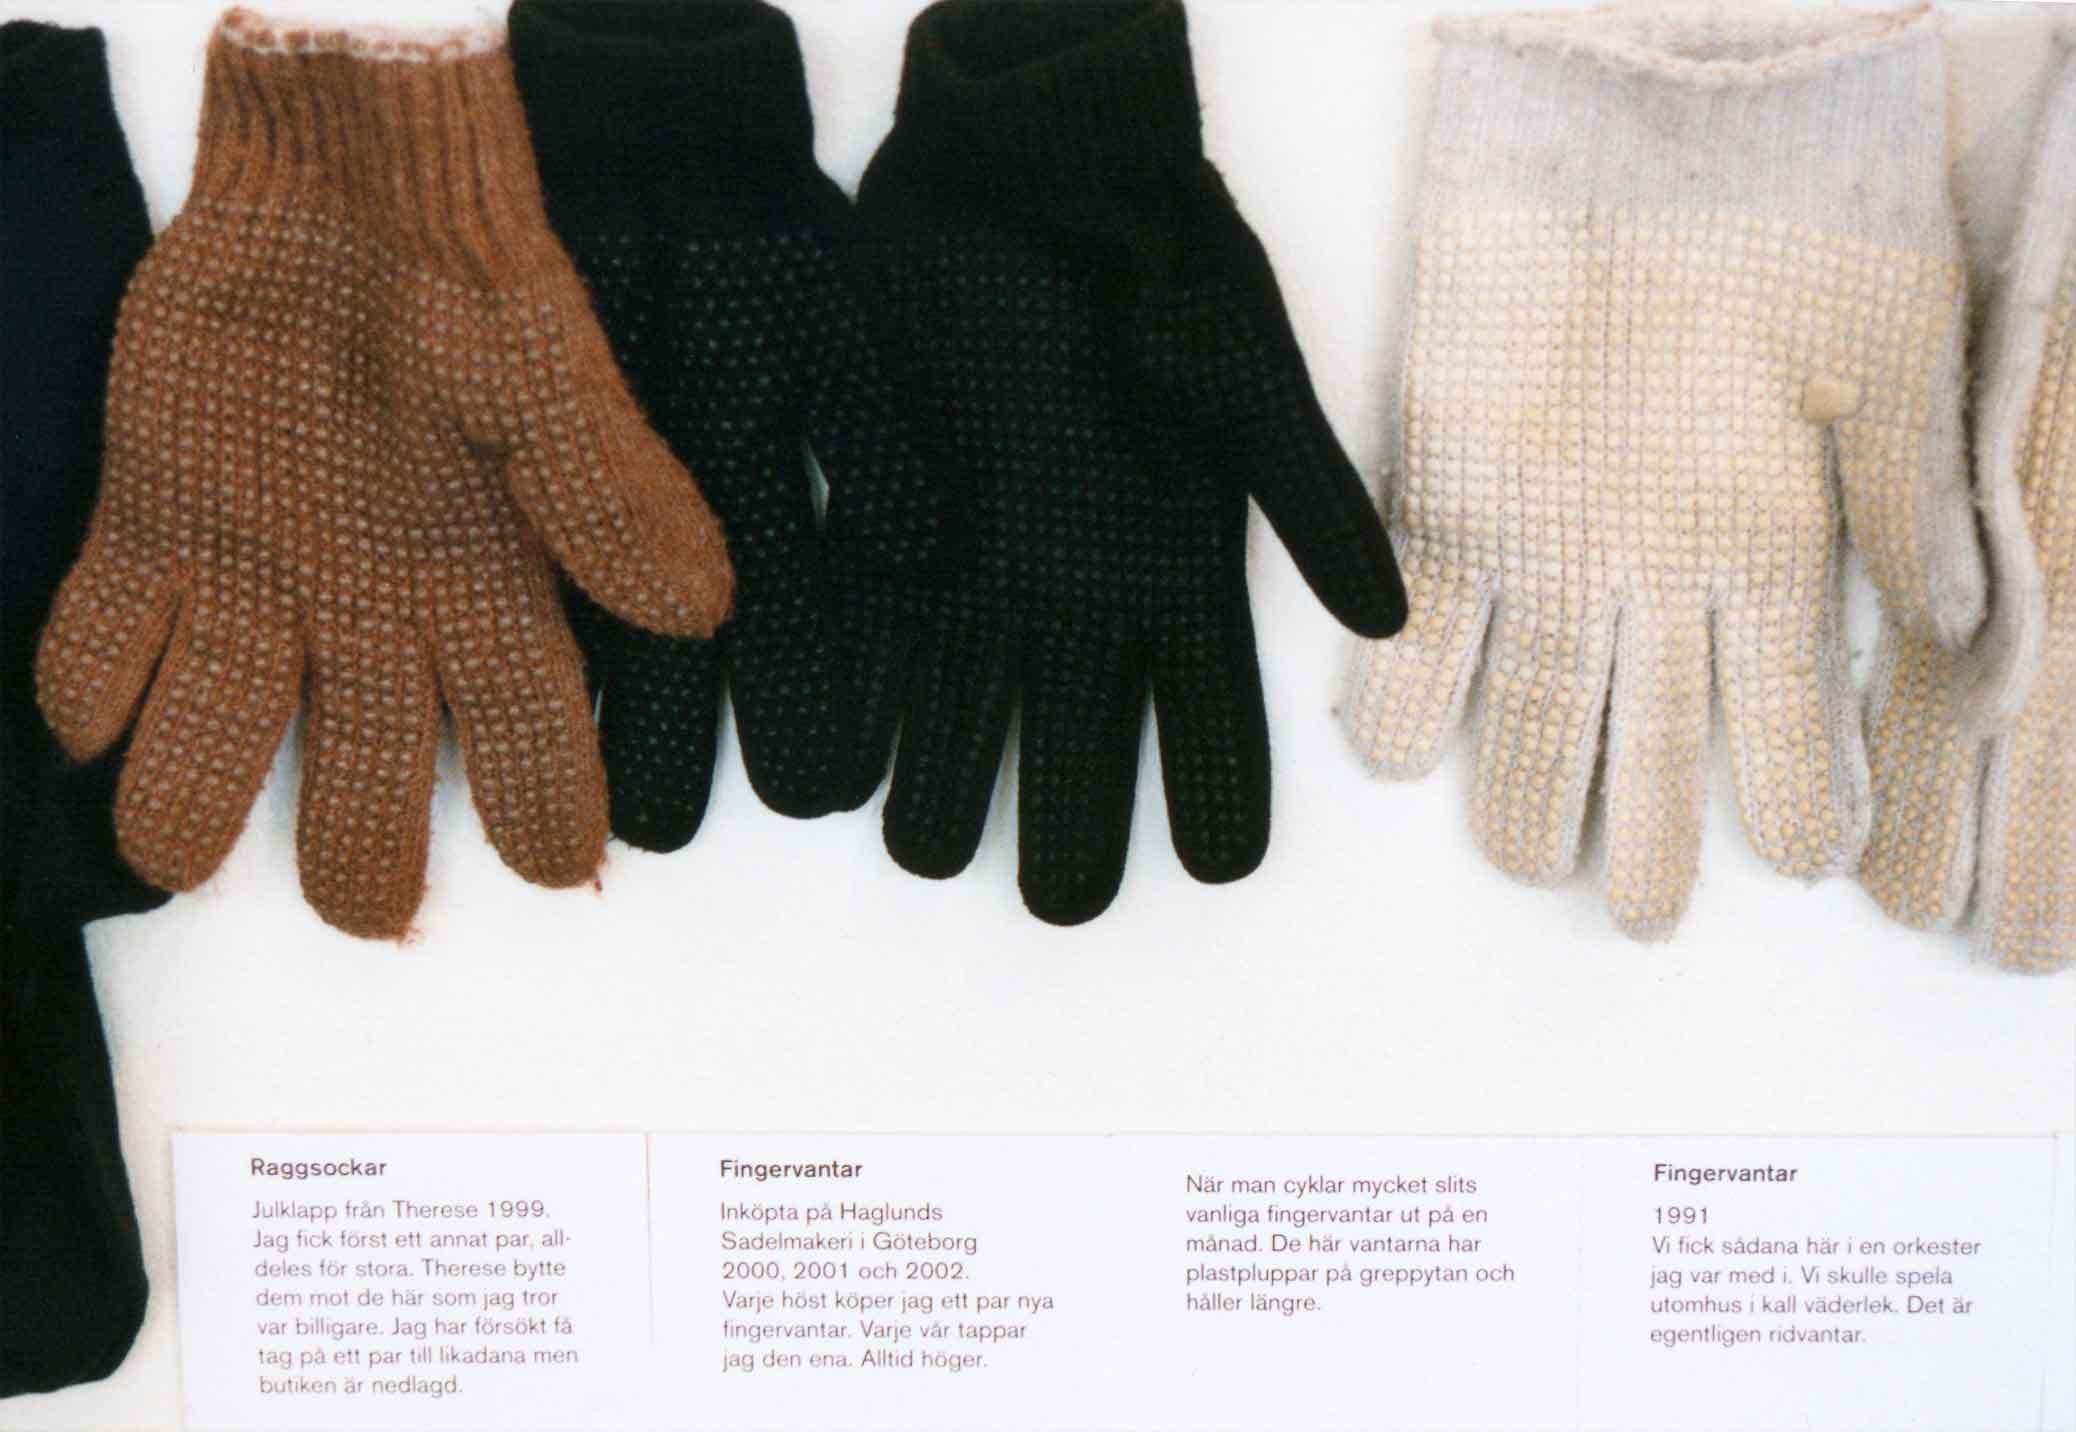 Alla mina kläder, installation med alla mina kläder på Göteborgs konstmuseum 2003. Detalj med fingervantar.